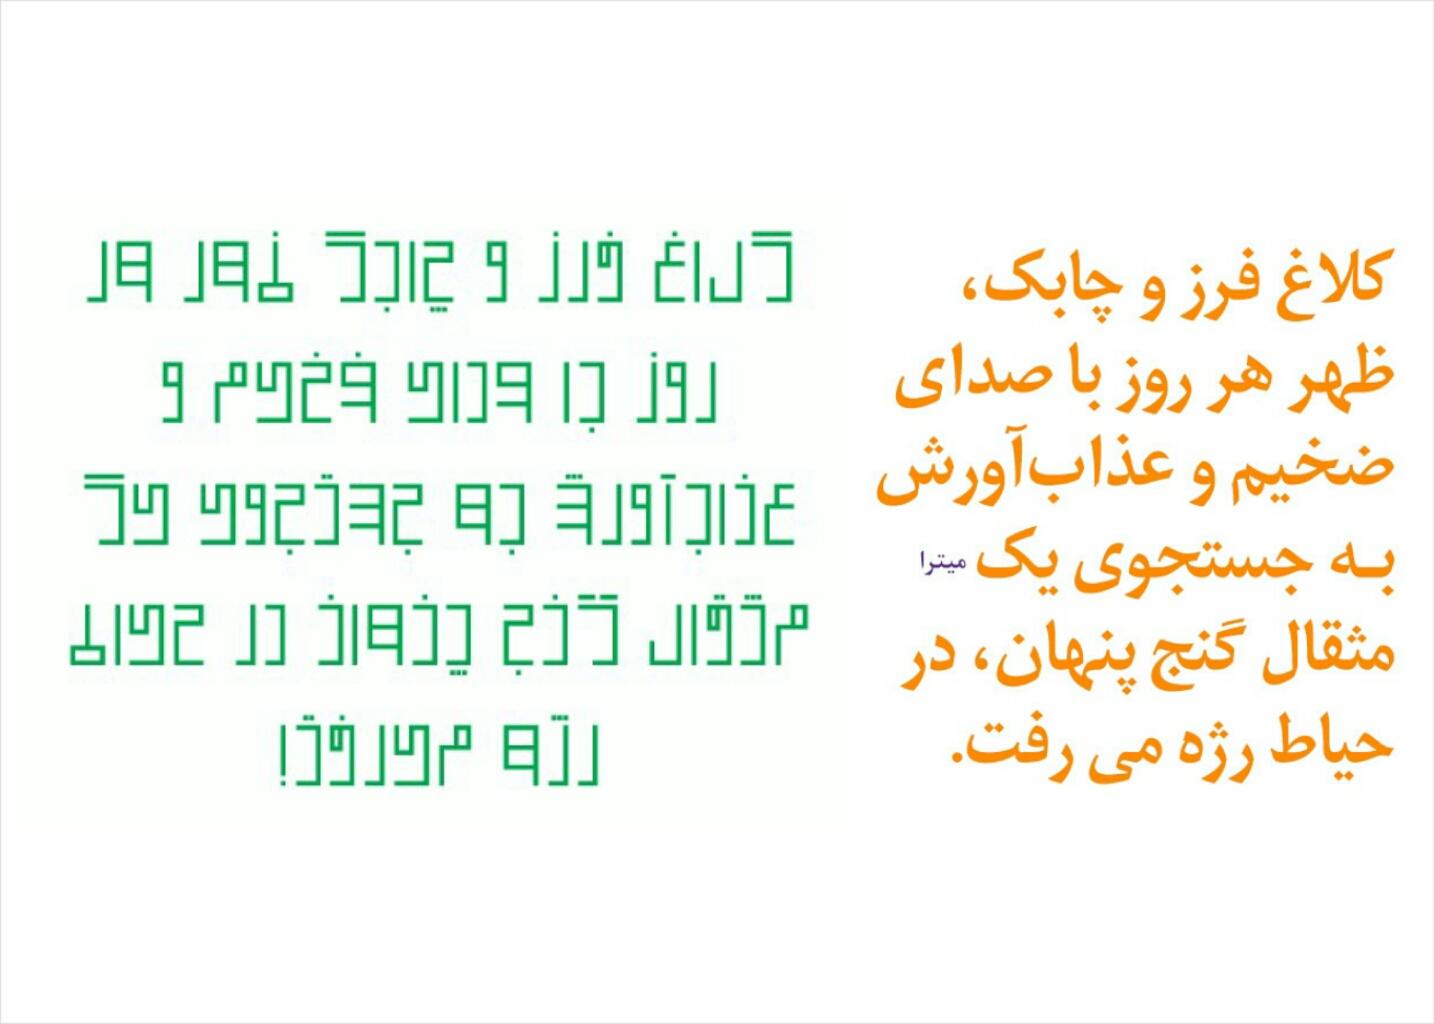 مقایسهٔ فونت میترا با فونت کیخسرو با نوشتن پنگرام فارسی «کلاغ فرز و چابک...»